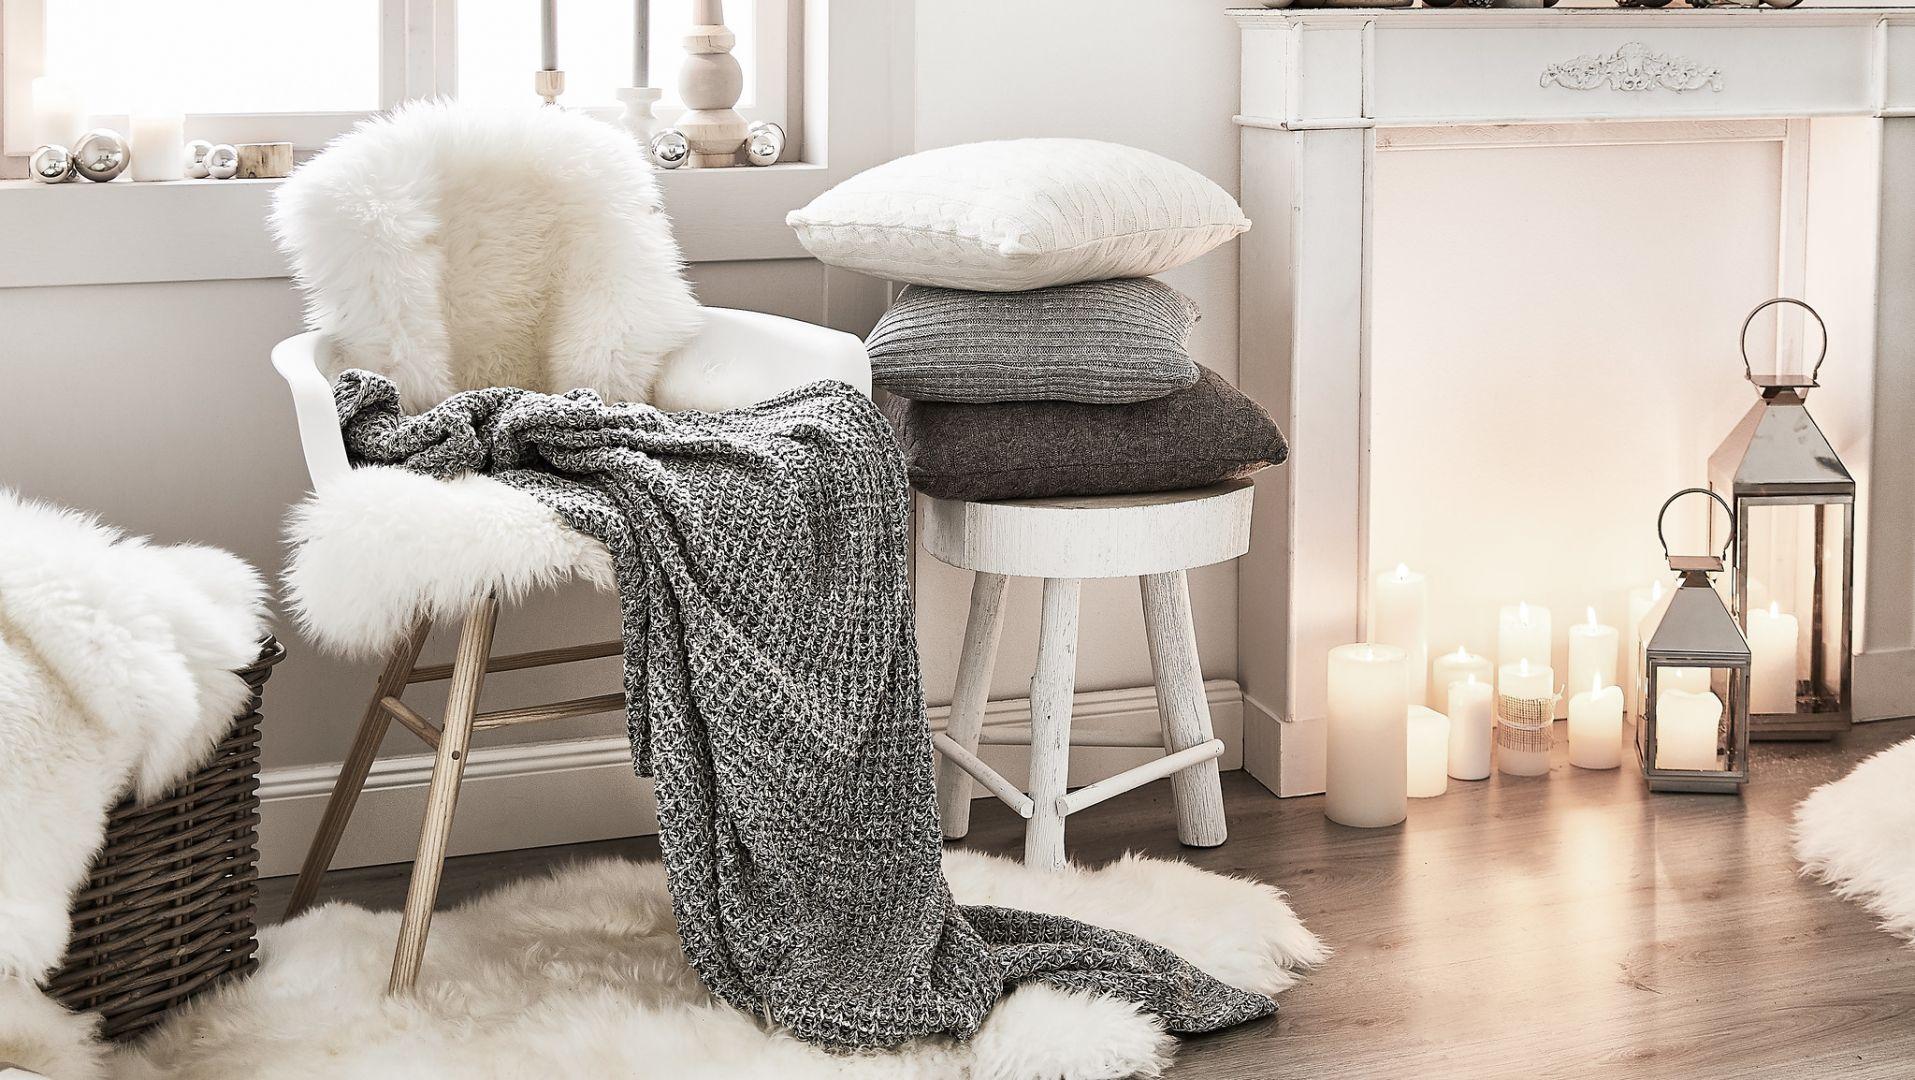 Ciepły wełniany koc, skóry, miłe w dotyku poduszki, zapalone lampiony - nawet listopad może wydawać się przytulny w takim towarzystwie. Fot. WestwingNow